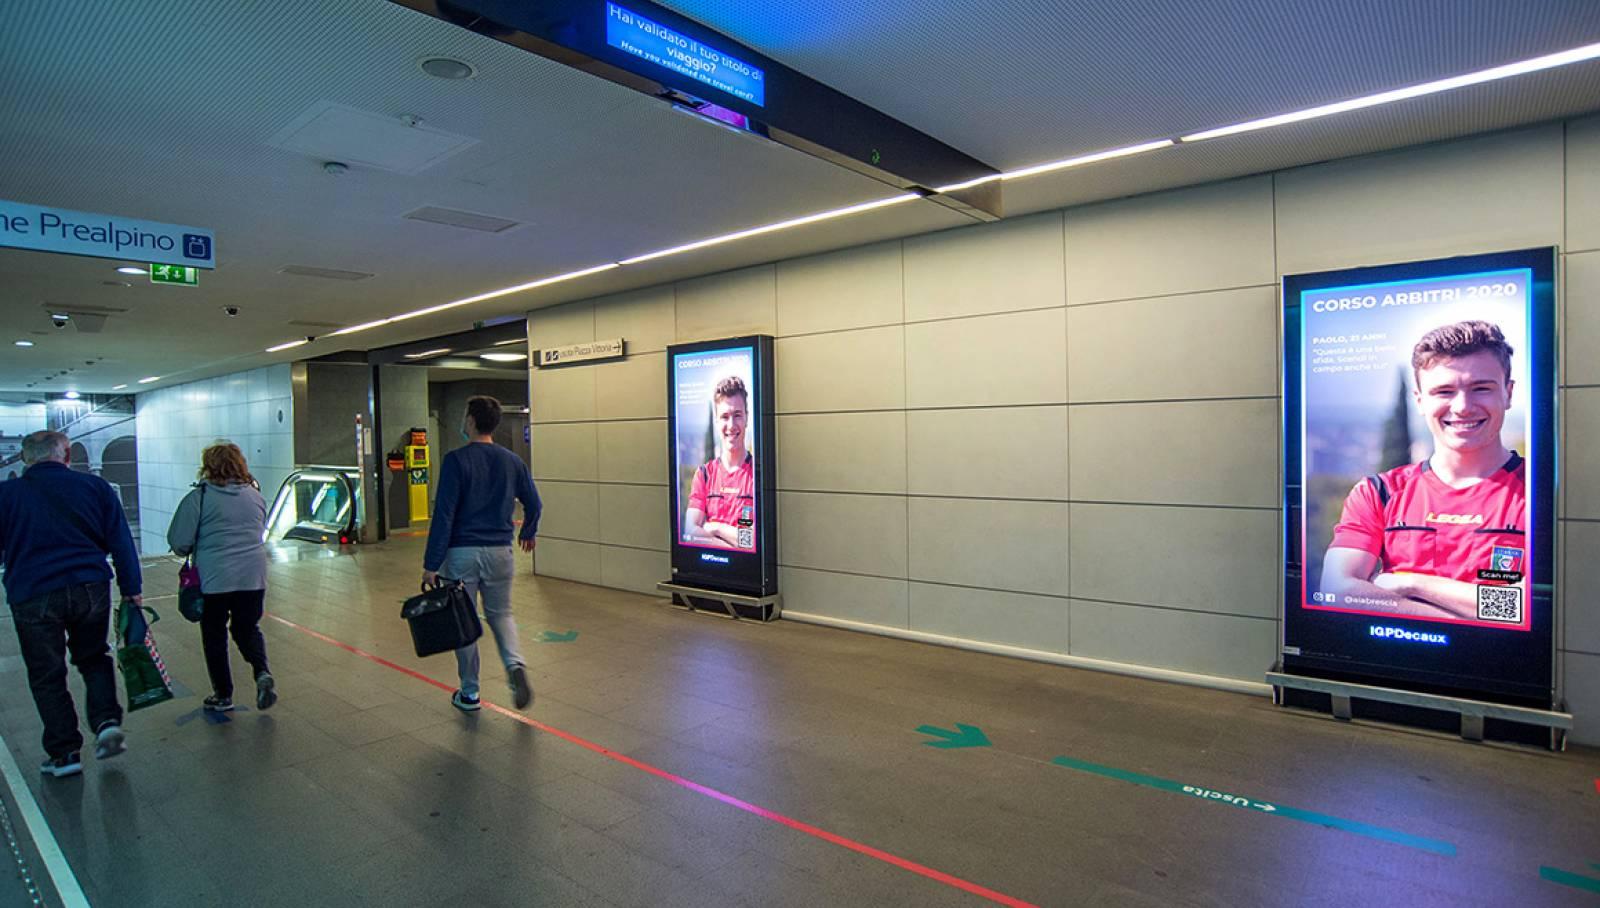 Pubblicità metro Brescia I-Vision IGPDecaux